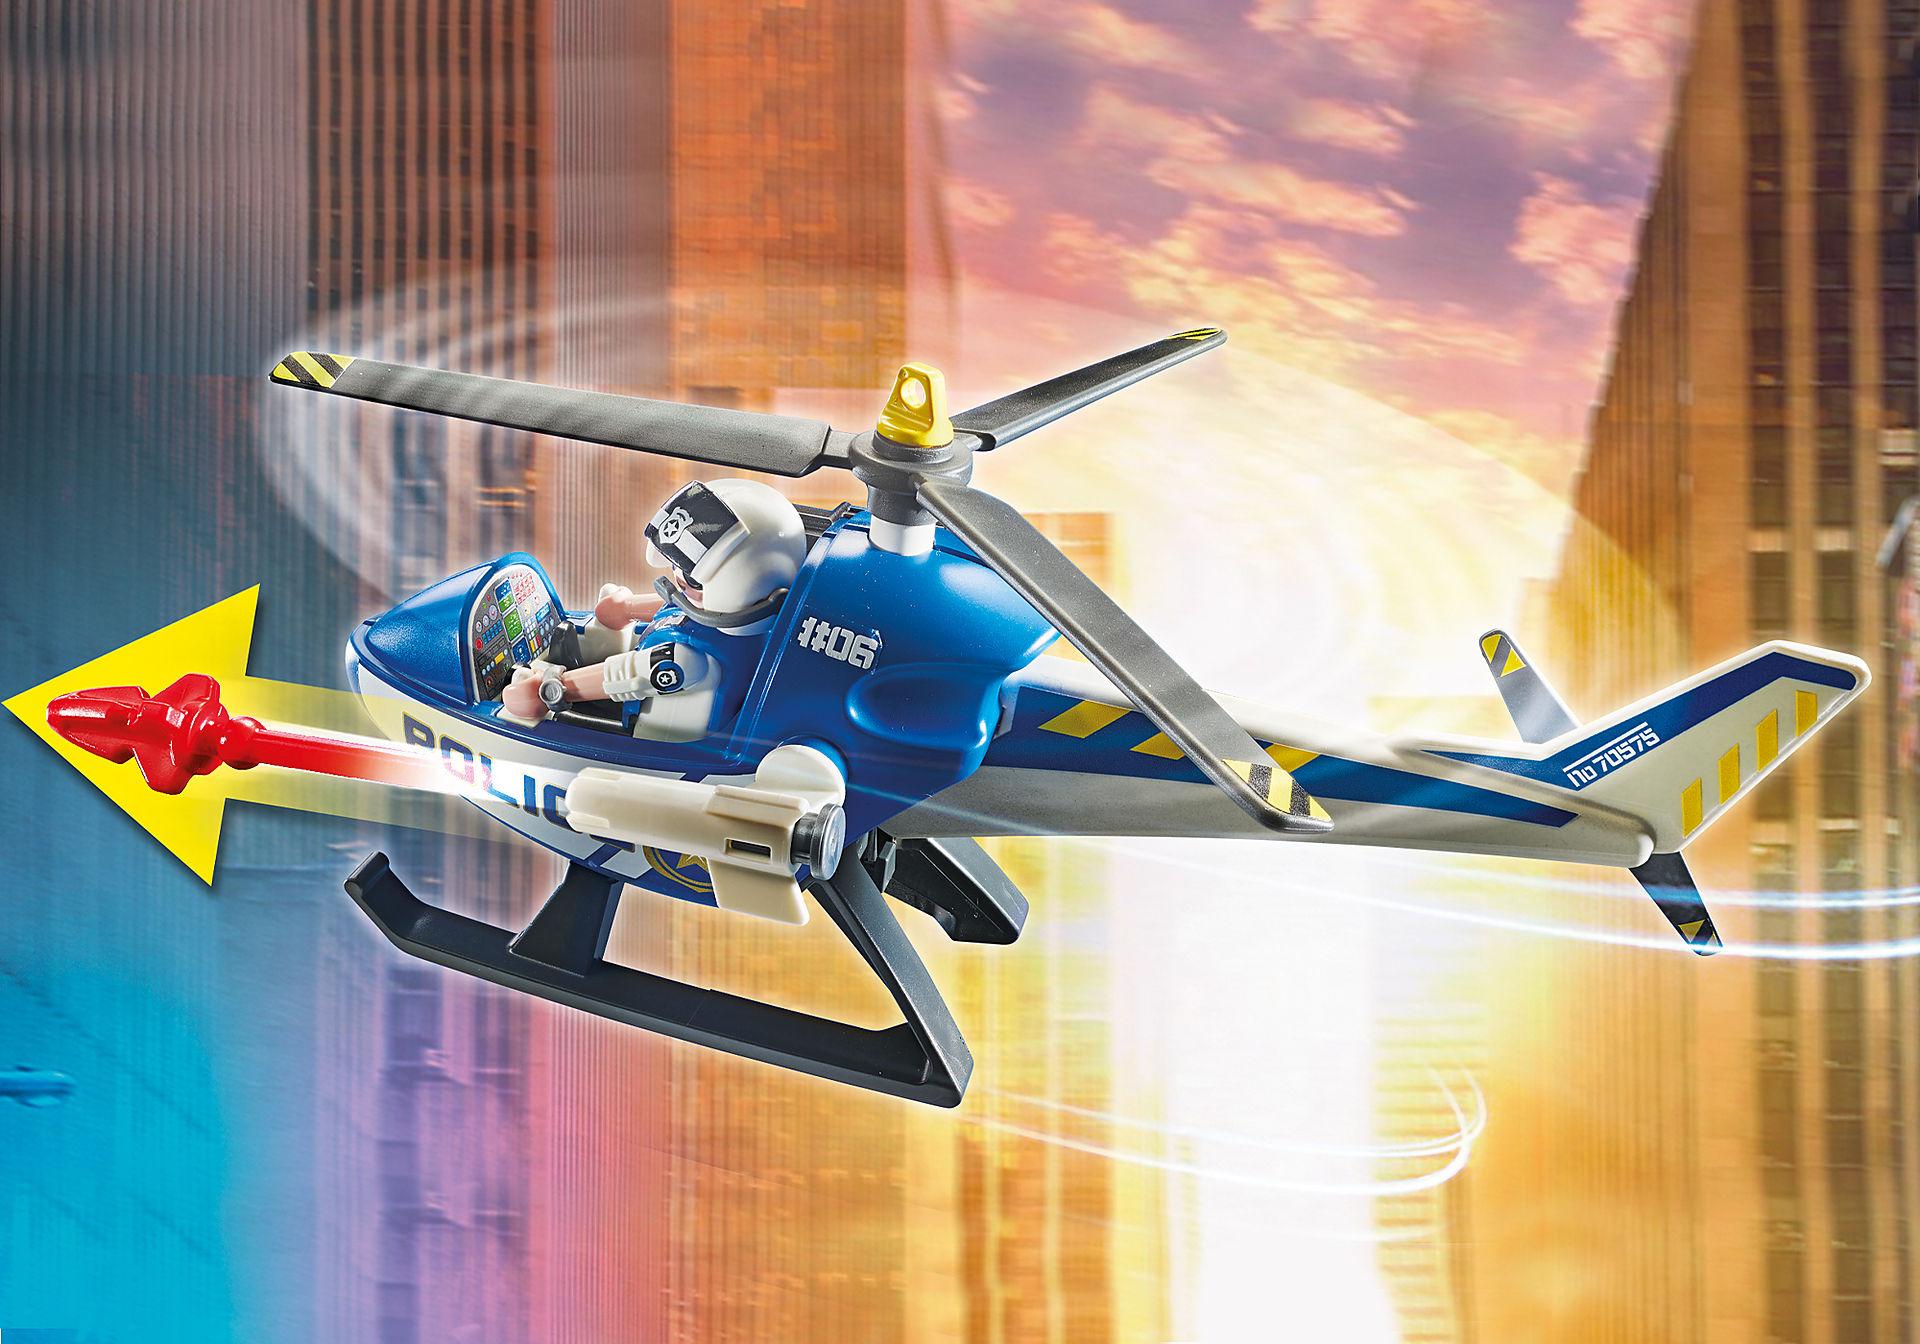 70575 Полицейский вертолет: Погоня за машиной преступников zoom image4